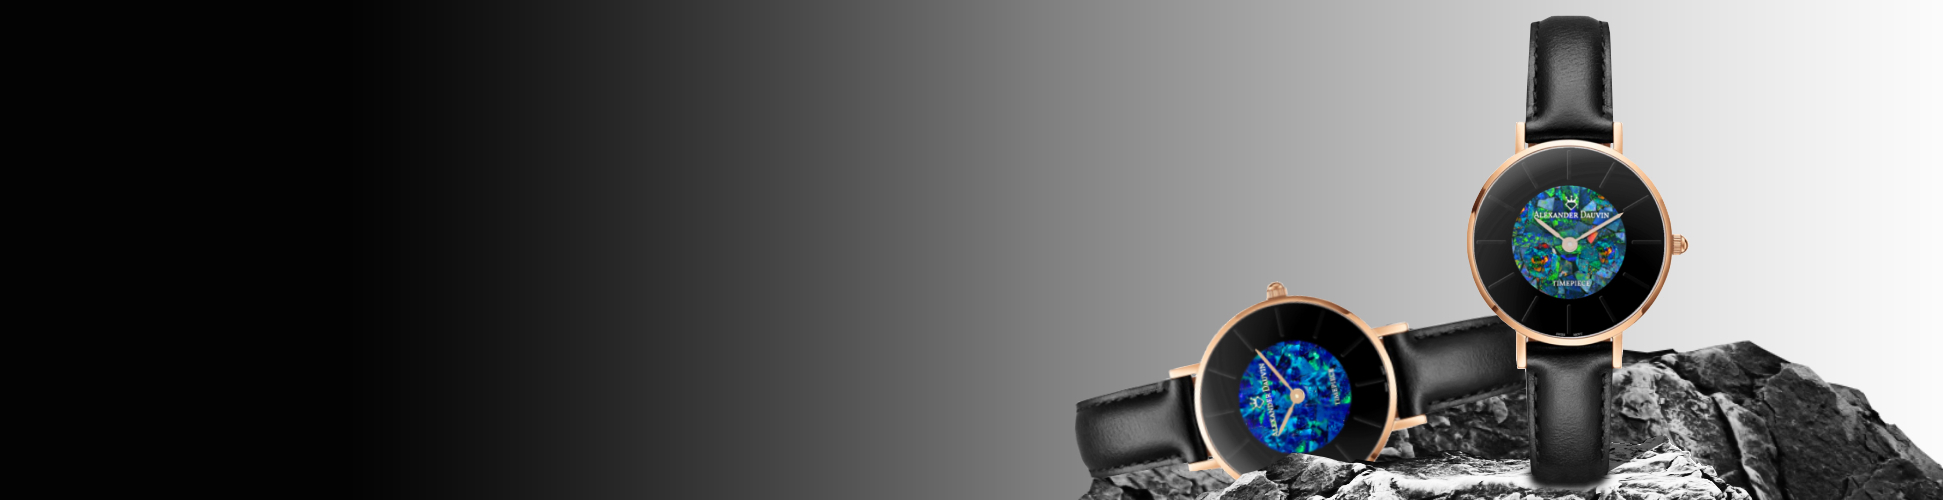 Alexander Dauvin Lumiere Watches